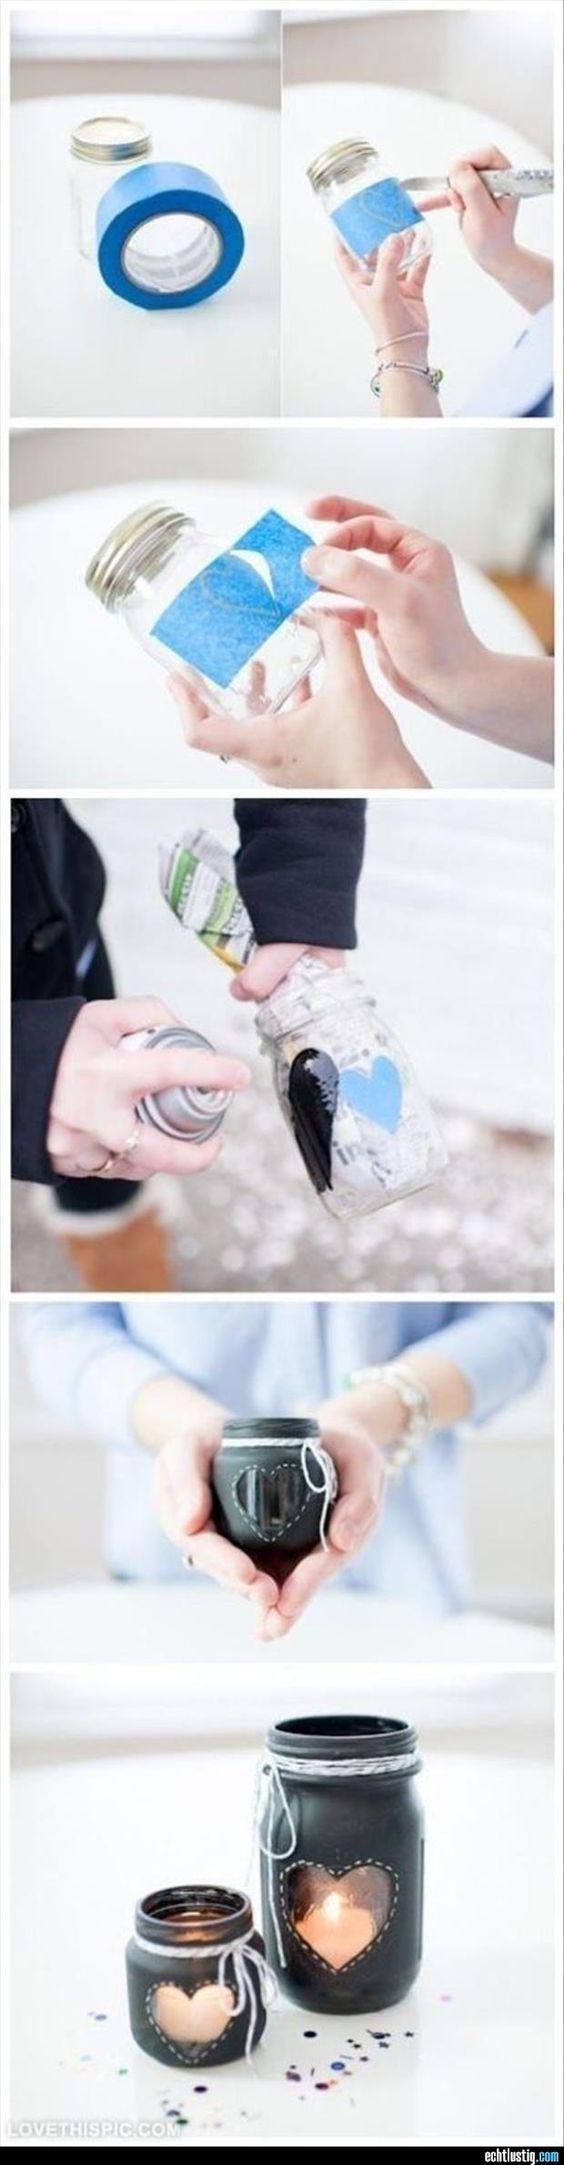 Kleine kreative Ideen zum Selbermachen - Bild #9